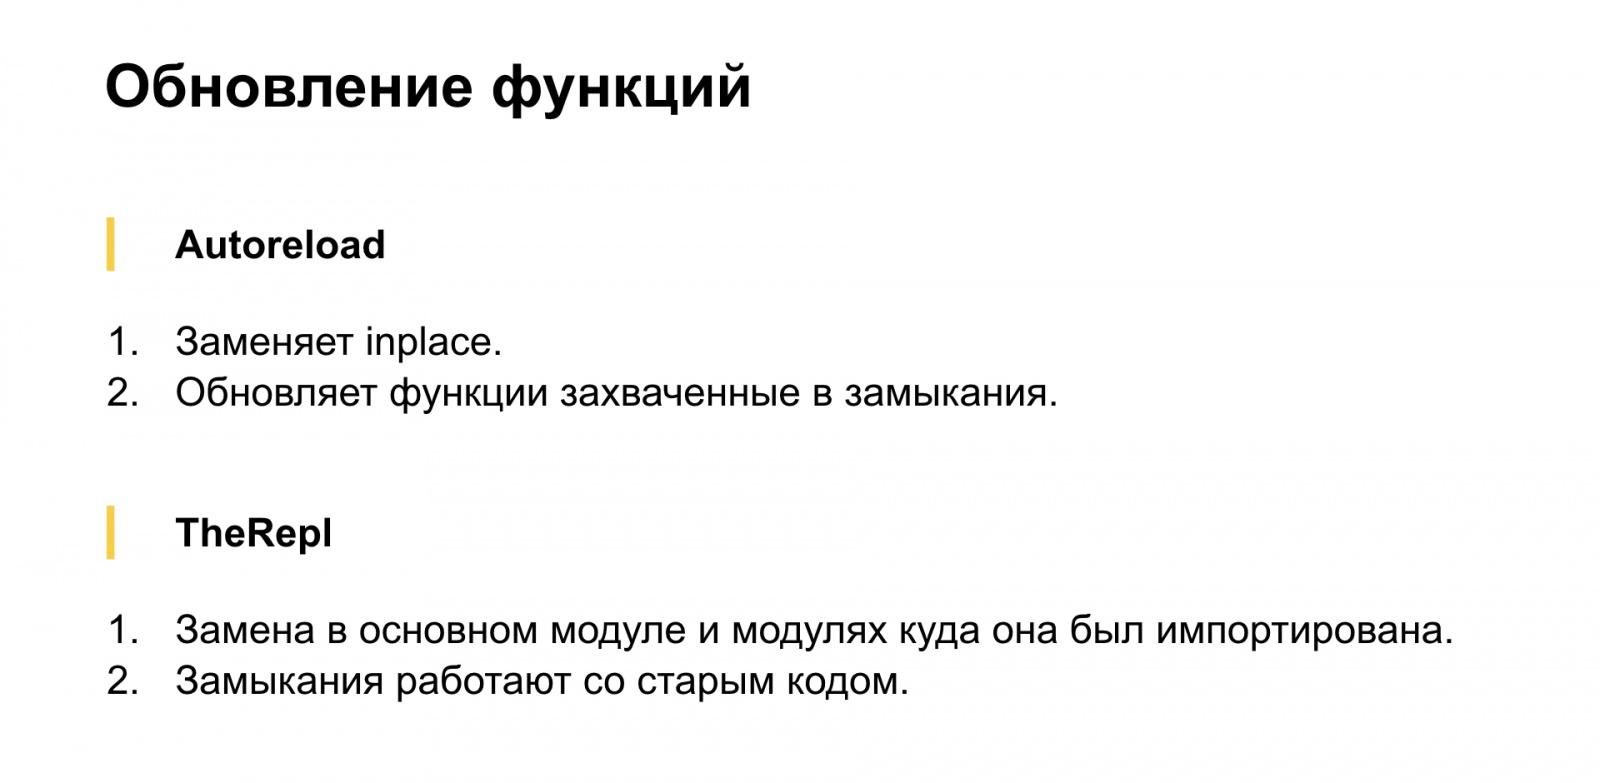 Бесполезный REPL. Доклад Яндекса - 5